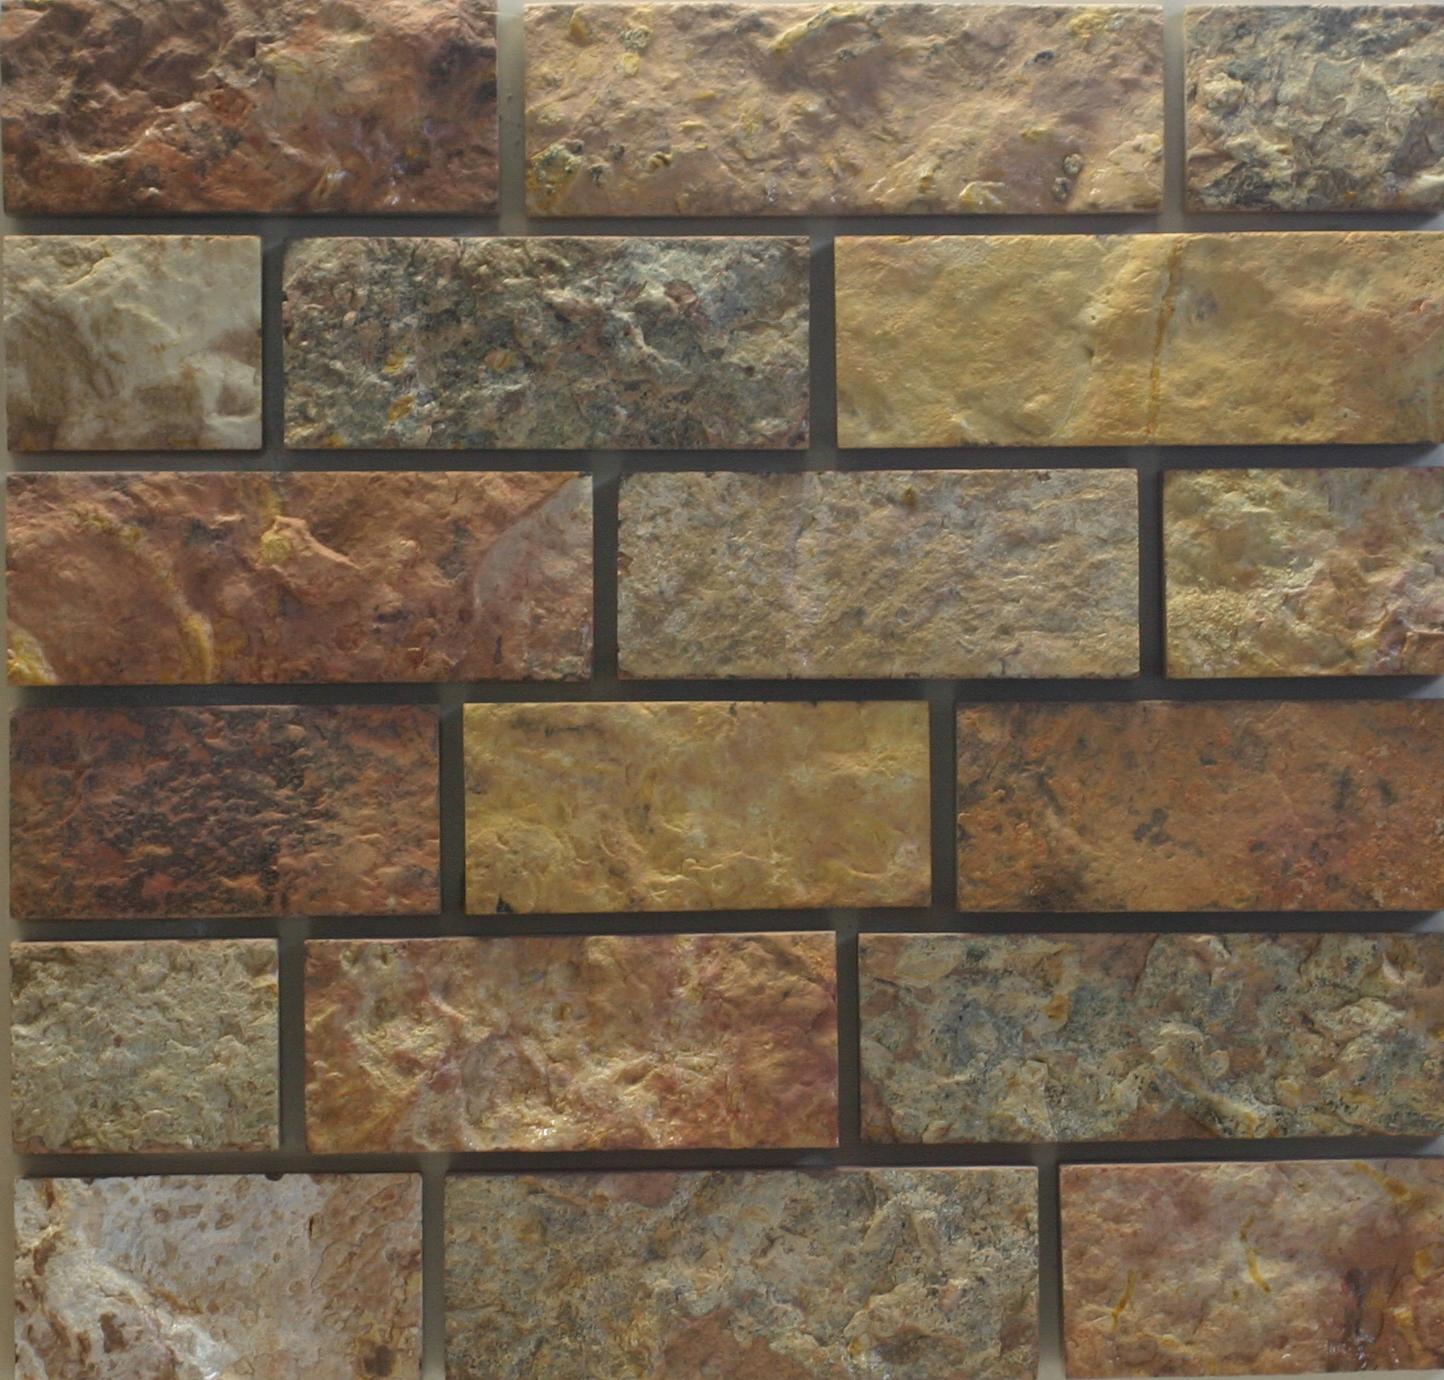 Известняк пятисторонней обработки без скола - добыча и продажа природного камня